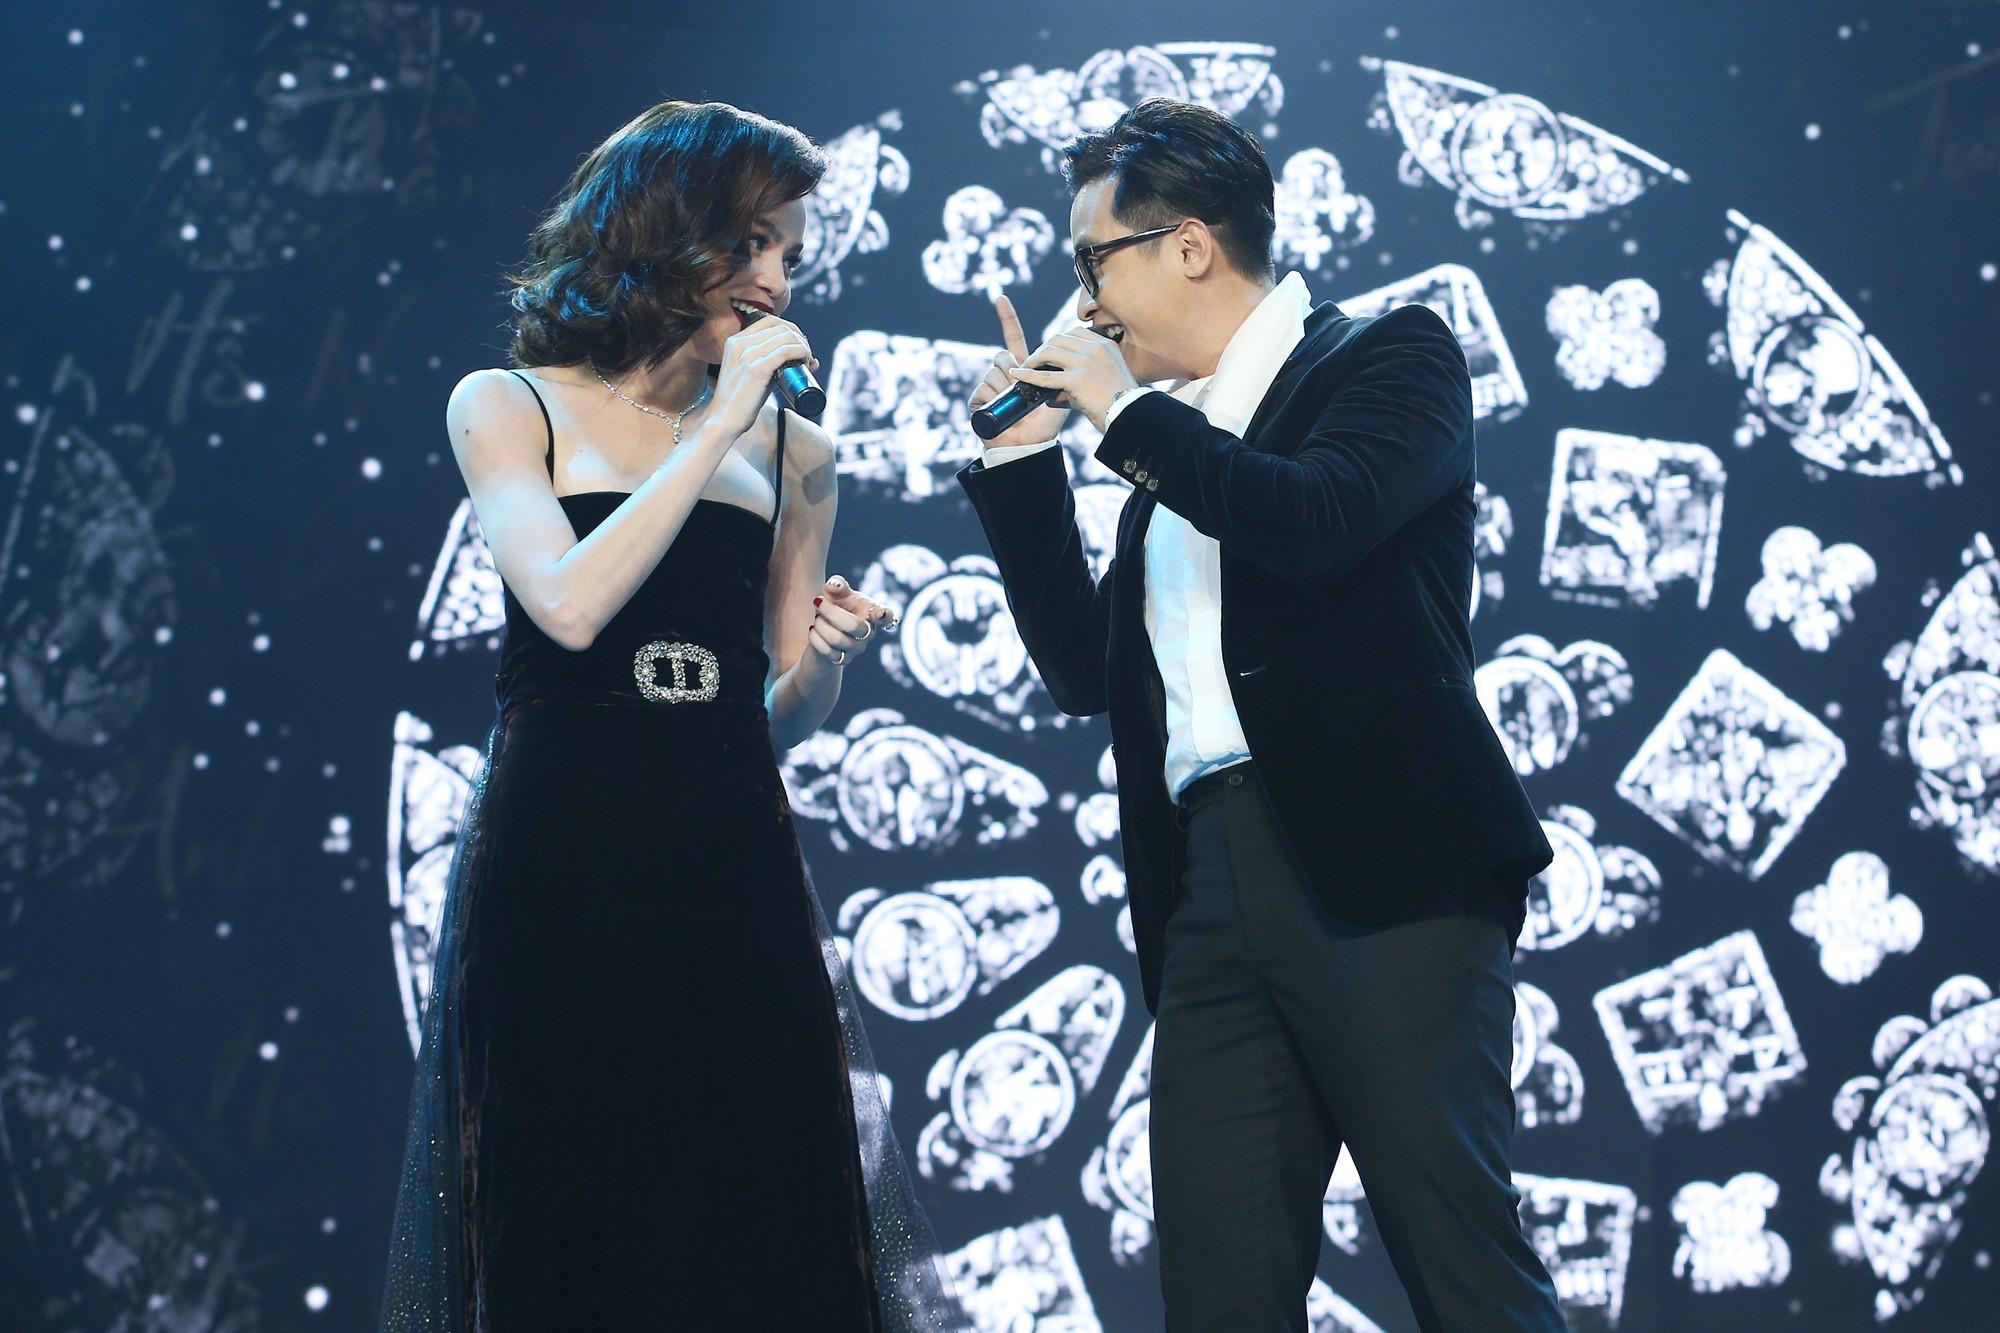 Hà Anh Tuấn tái hợp Hồ Ngọc Hà sau 4 năm, gây thổn thức khi đổi hit của nhau - Ảnh 5.